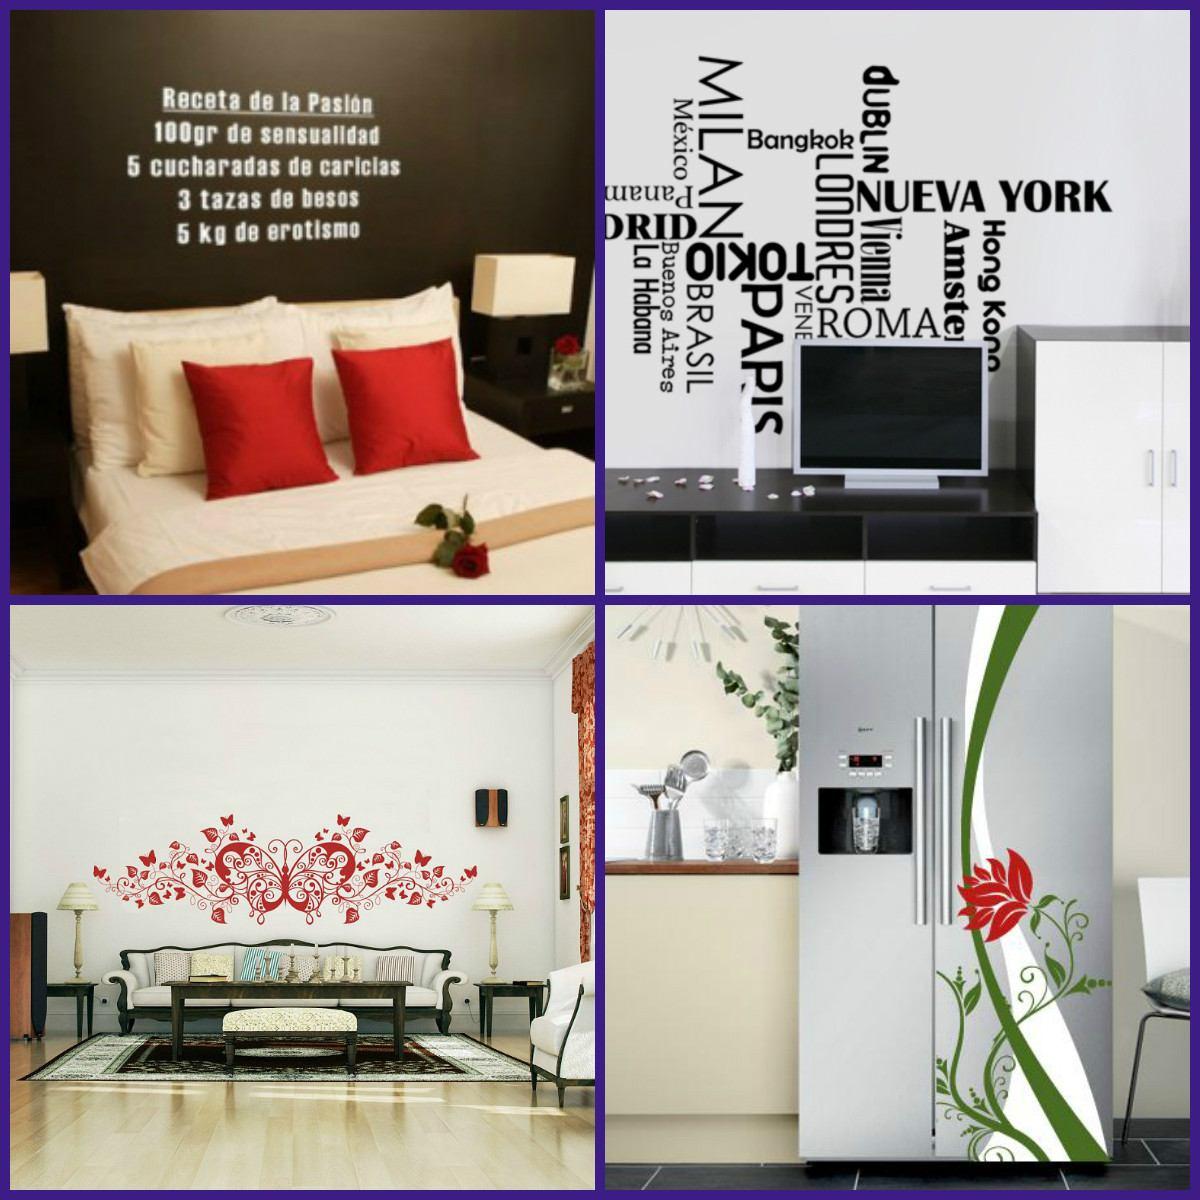 Dergama vinilos decorativos y publicidad para tu negocio for En donde venden vinilos decorativos